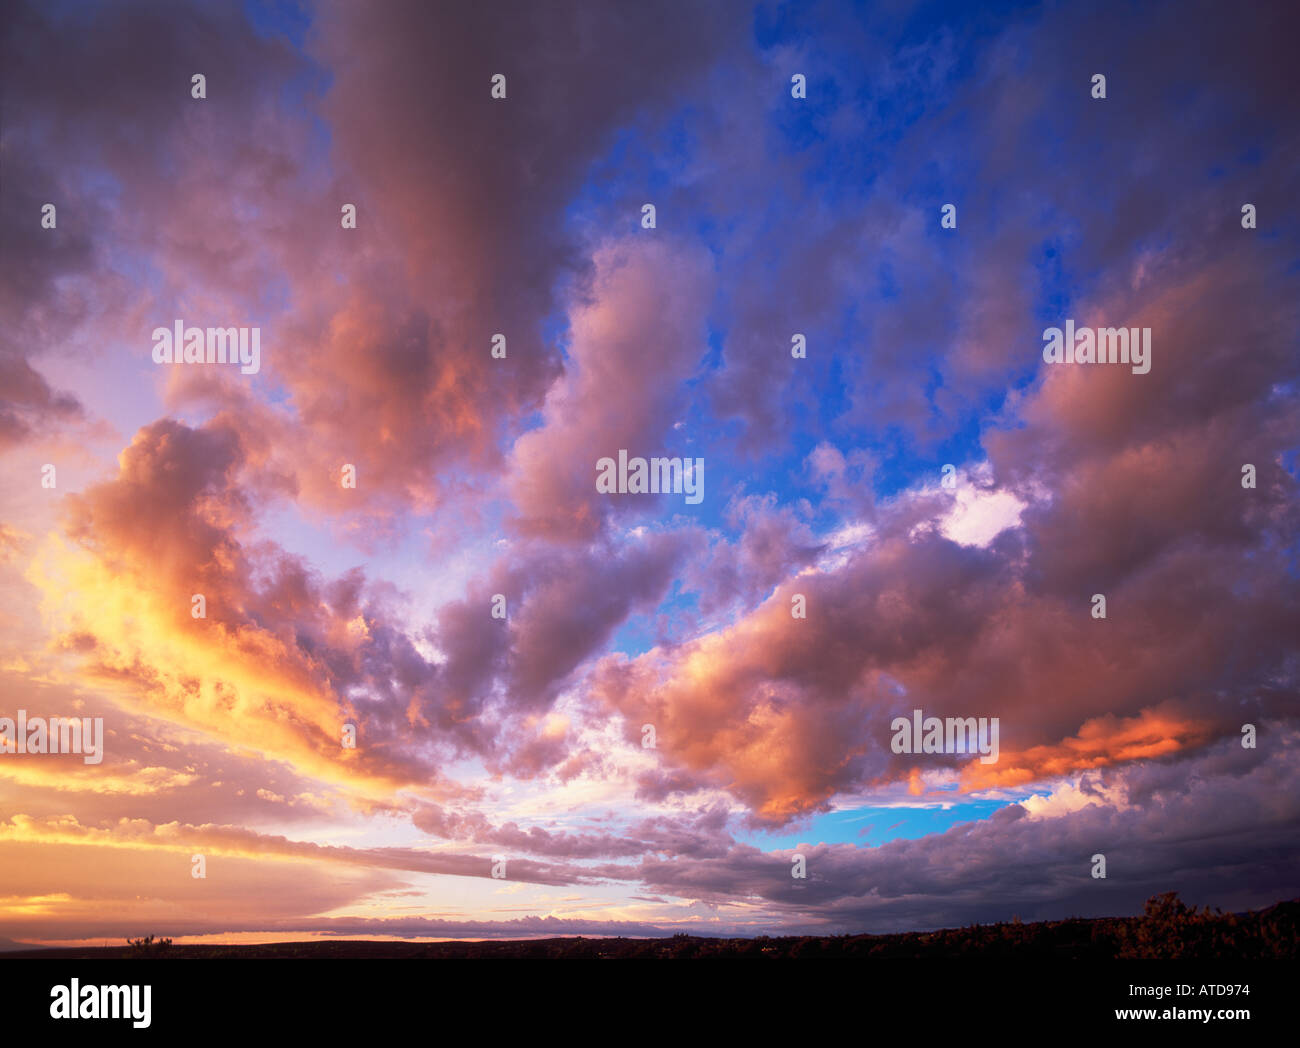 Sonnenuntergang Wolken mit Schattierungen von gelb rosa und orange Streifen über einem weiten blauen Himmel Stockbild